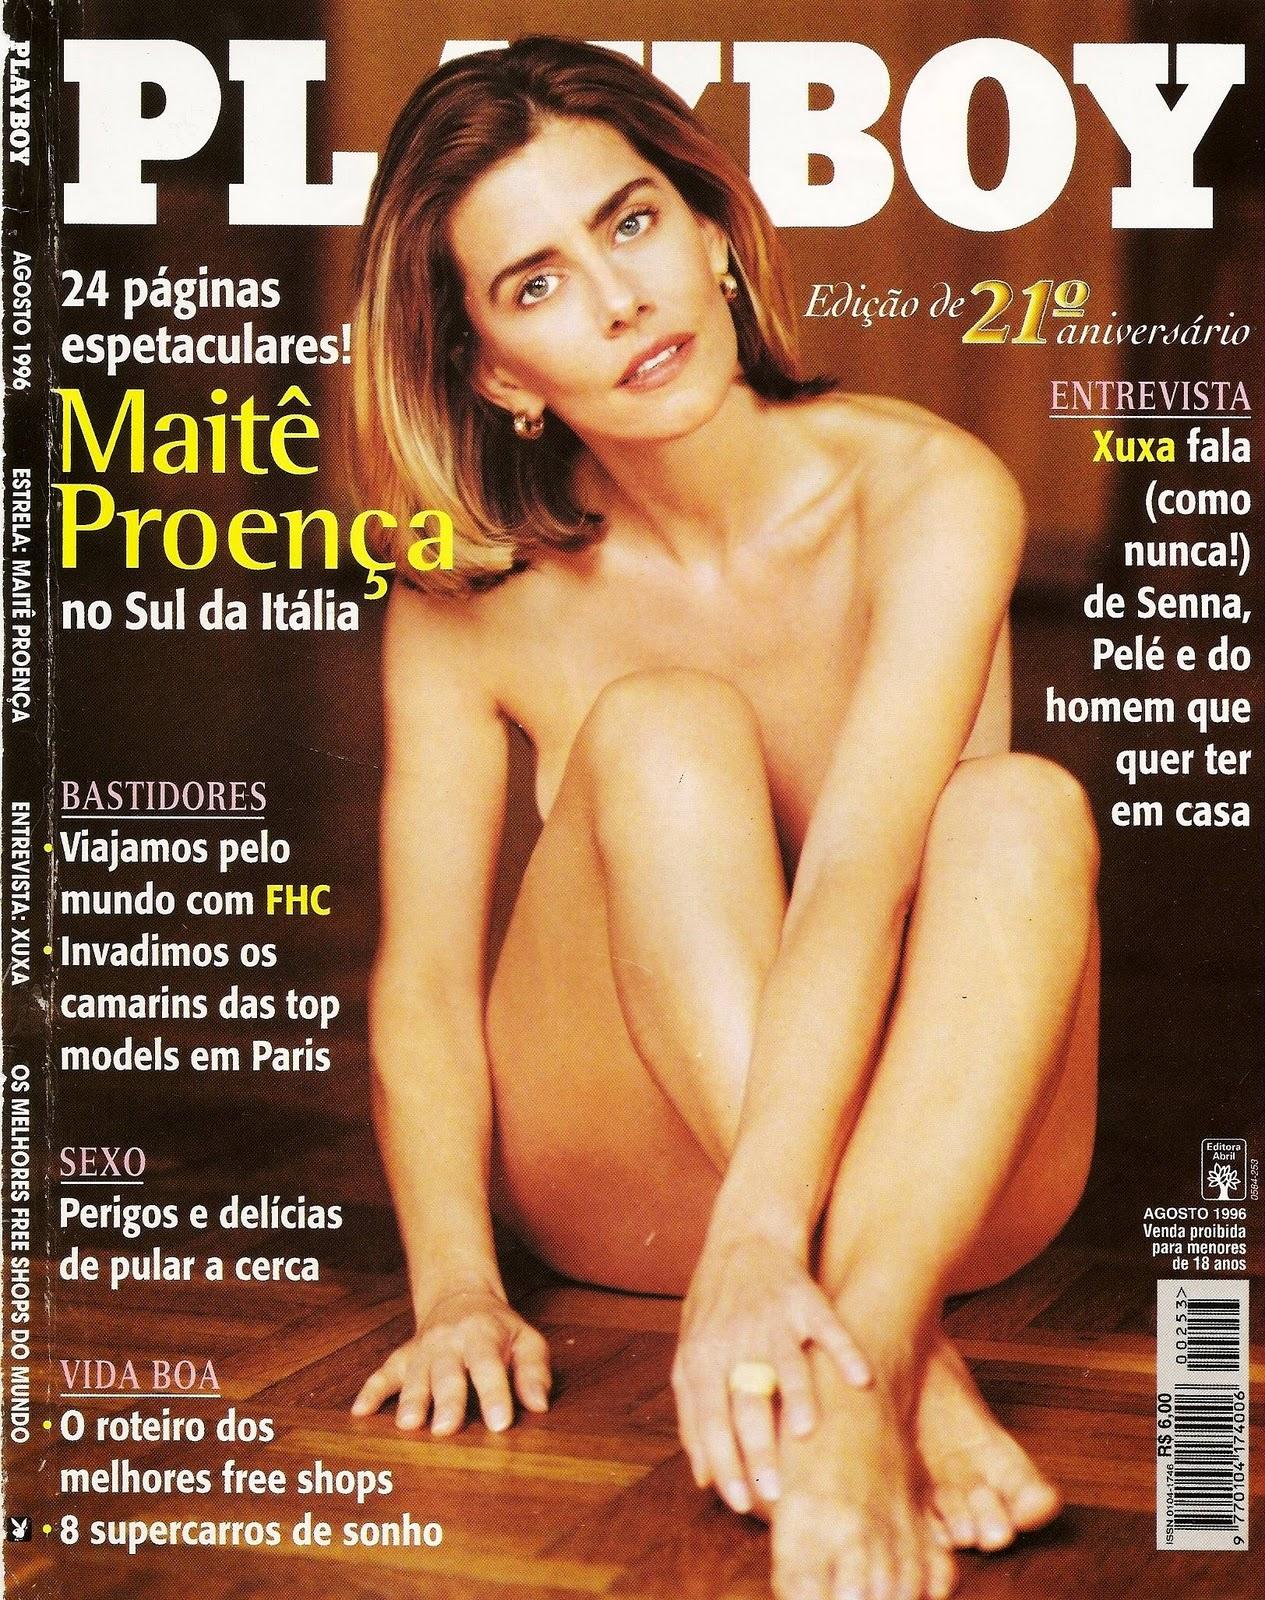 Revista Playboy (Edição de 21°Aniversário) Agosto 1996